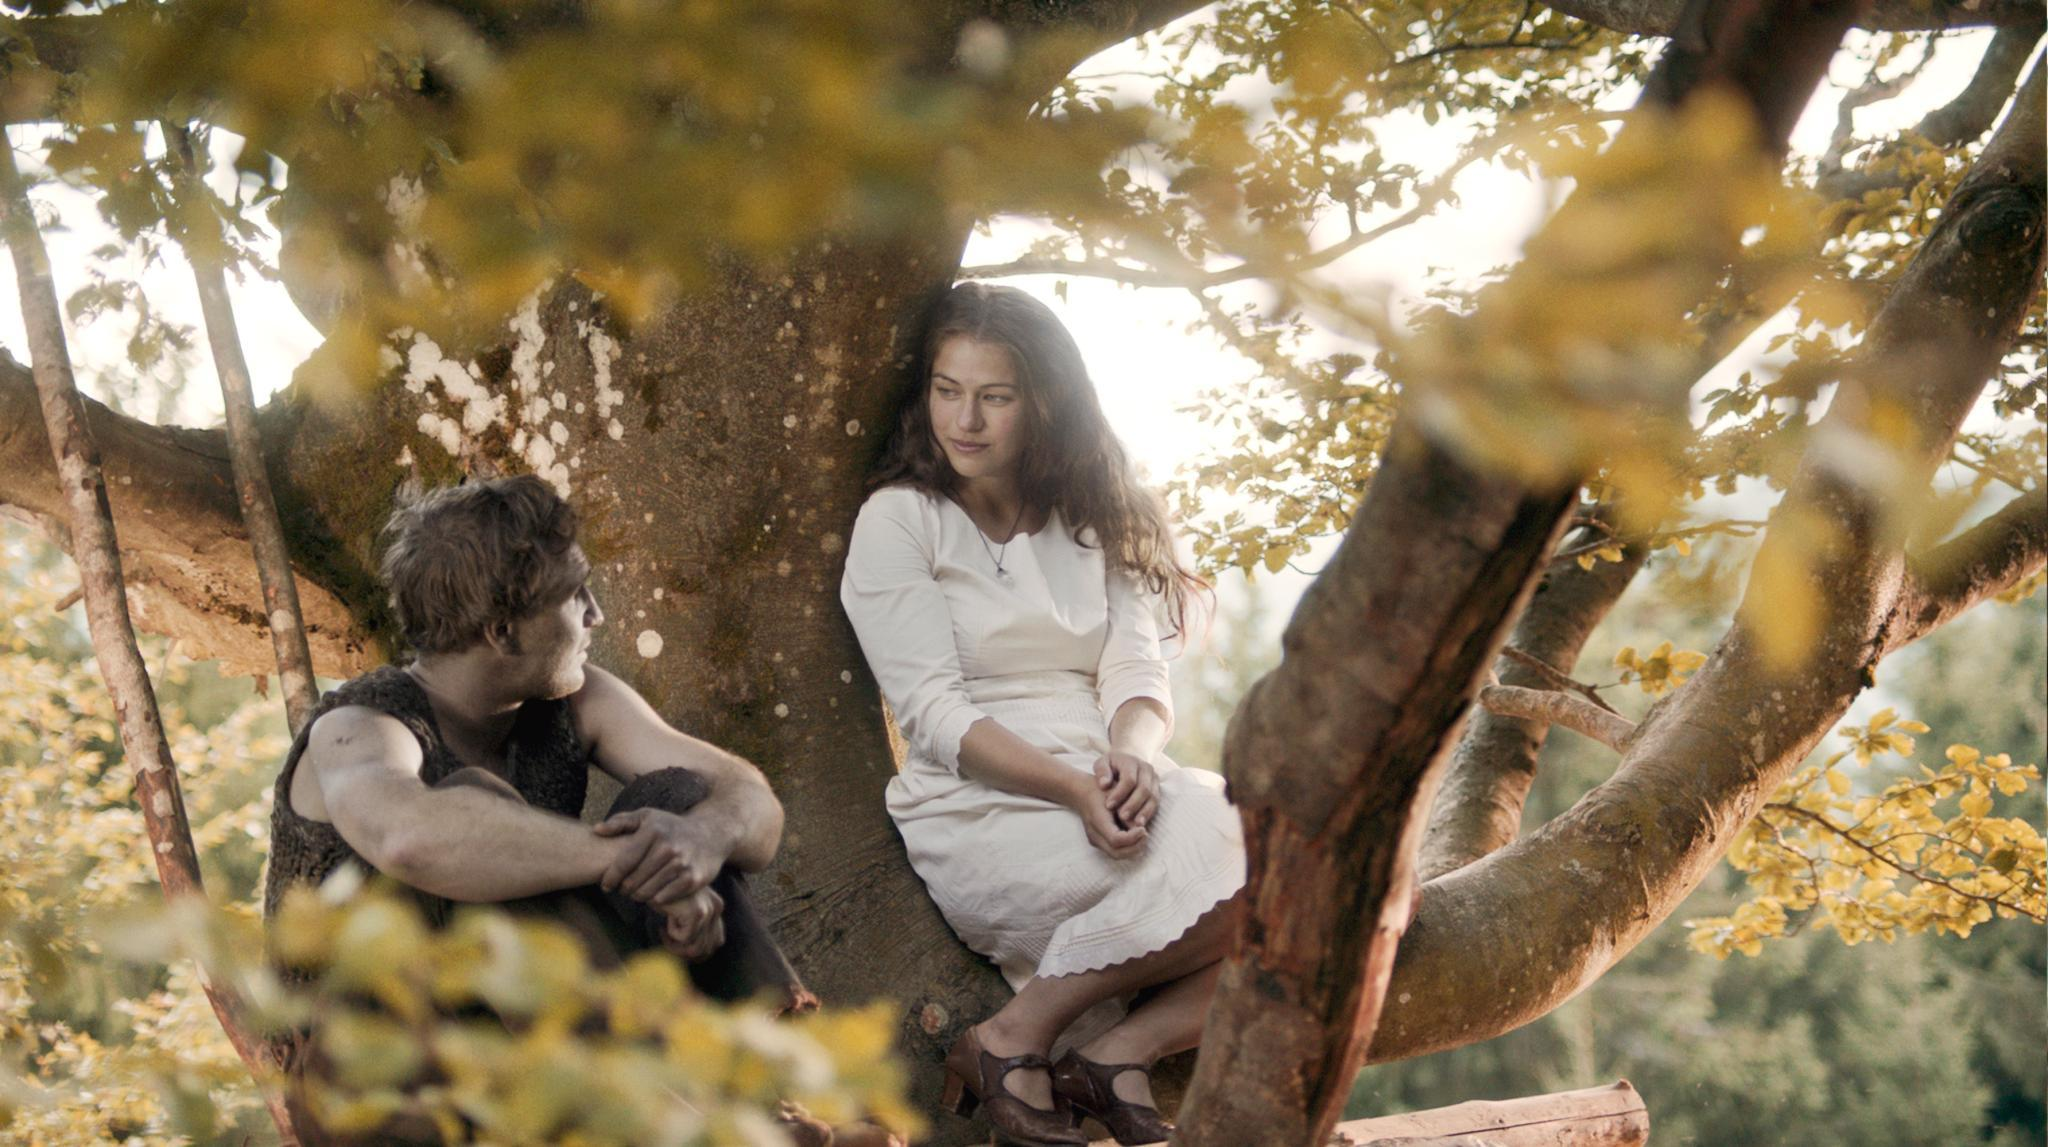 Sie mögen sich und sollen doch kein Paar werden: Köhlerjunge Peter (Frederick Lau) und Glashüttertochter Lisbeth (Henriette Confurius) stammen aus unterschiedlichen Welten ihrer Schwarzwald-Welt.